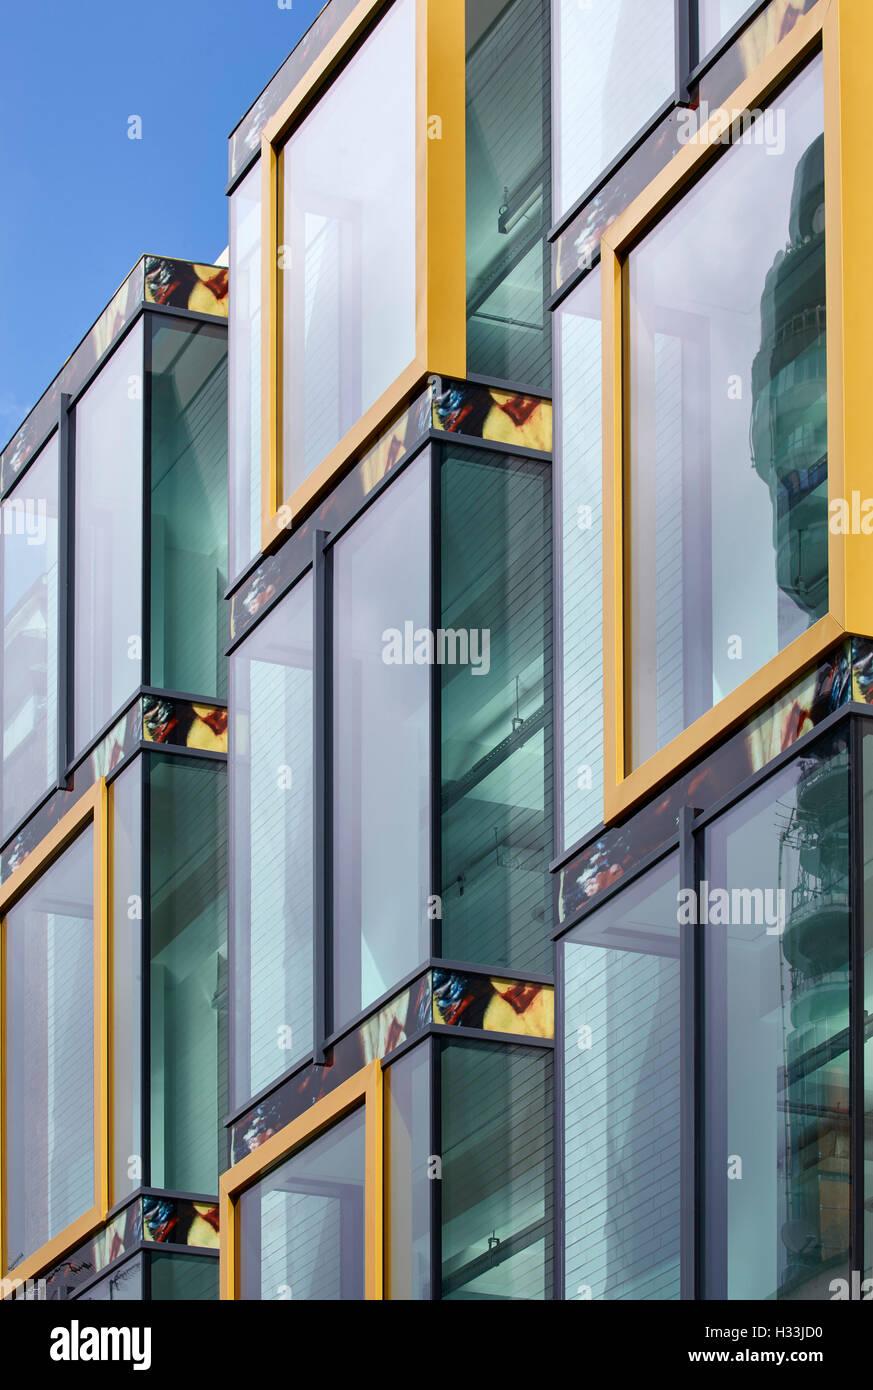 Gold Anodized Stockfotos & Gold Anodized Bilder - Alamy